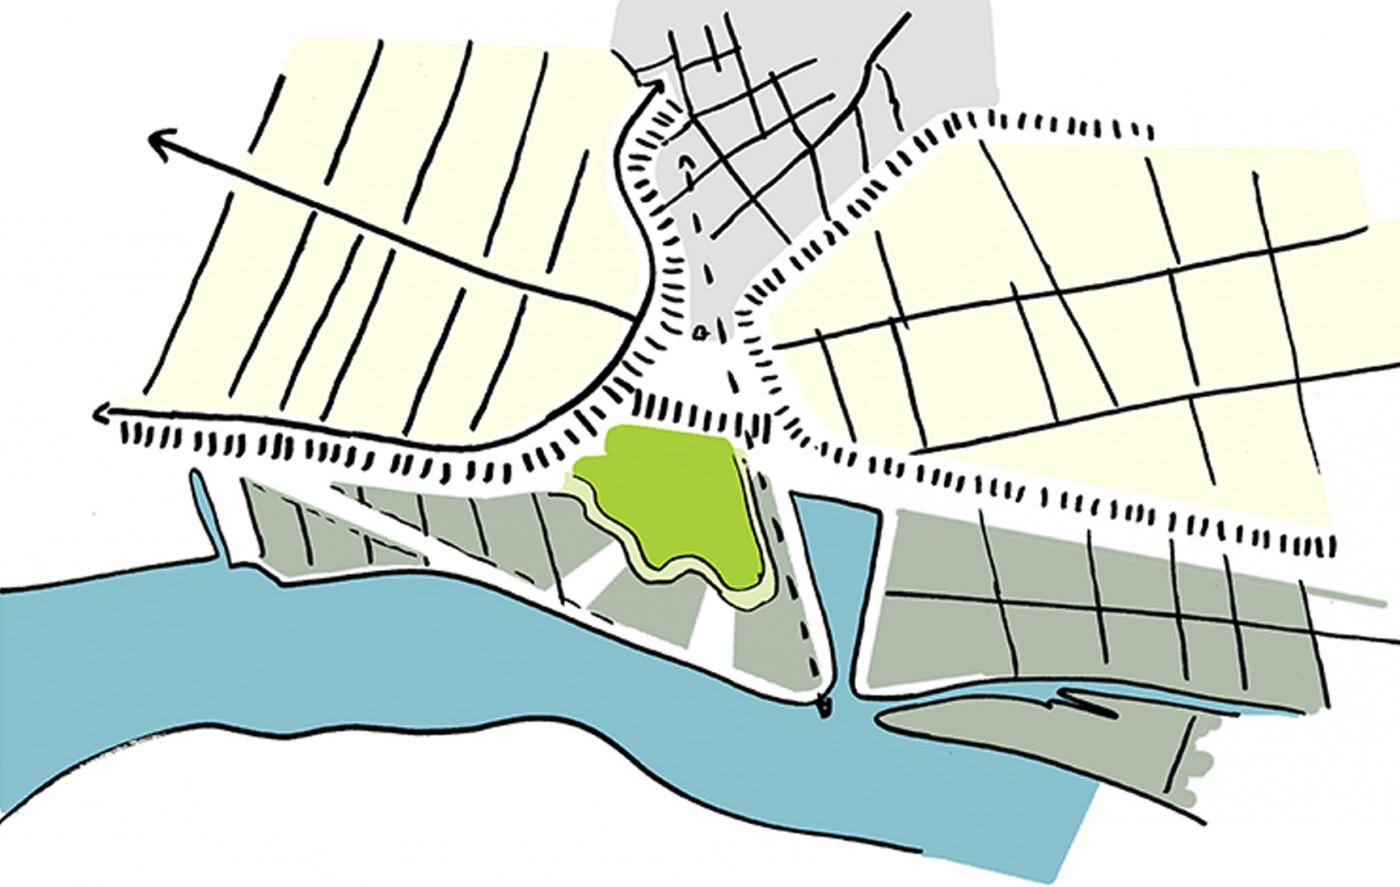 buro-sant-en-co-landschapsarchitectuur-johannapolder-albrandswaard-ontwerp-schets-1